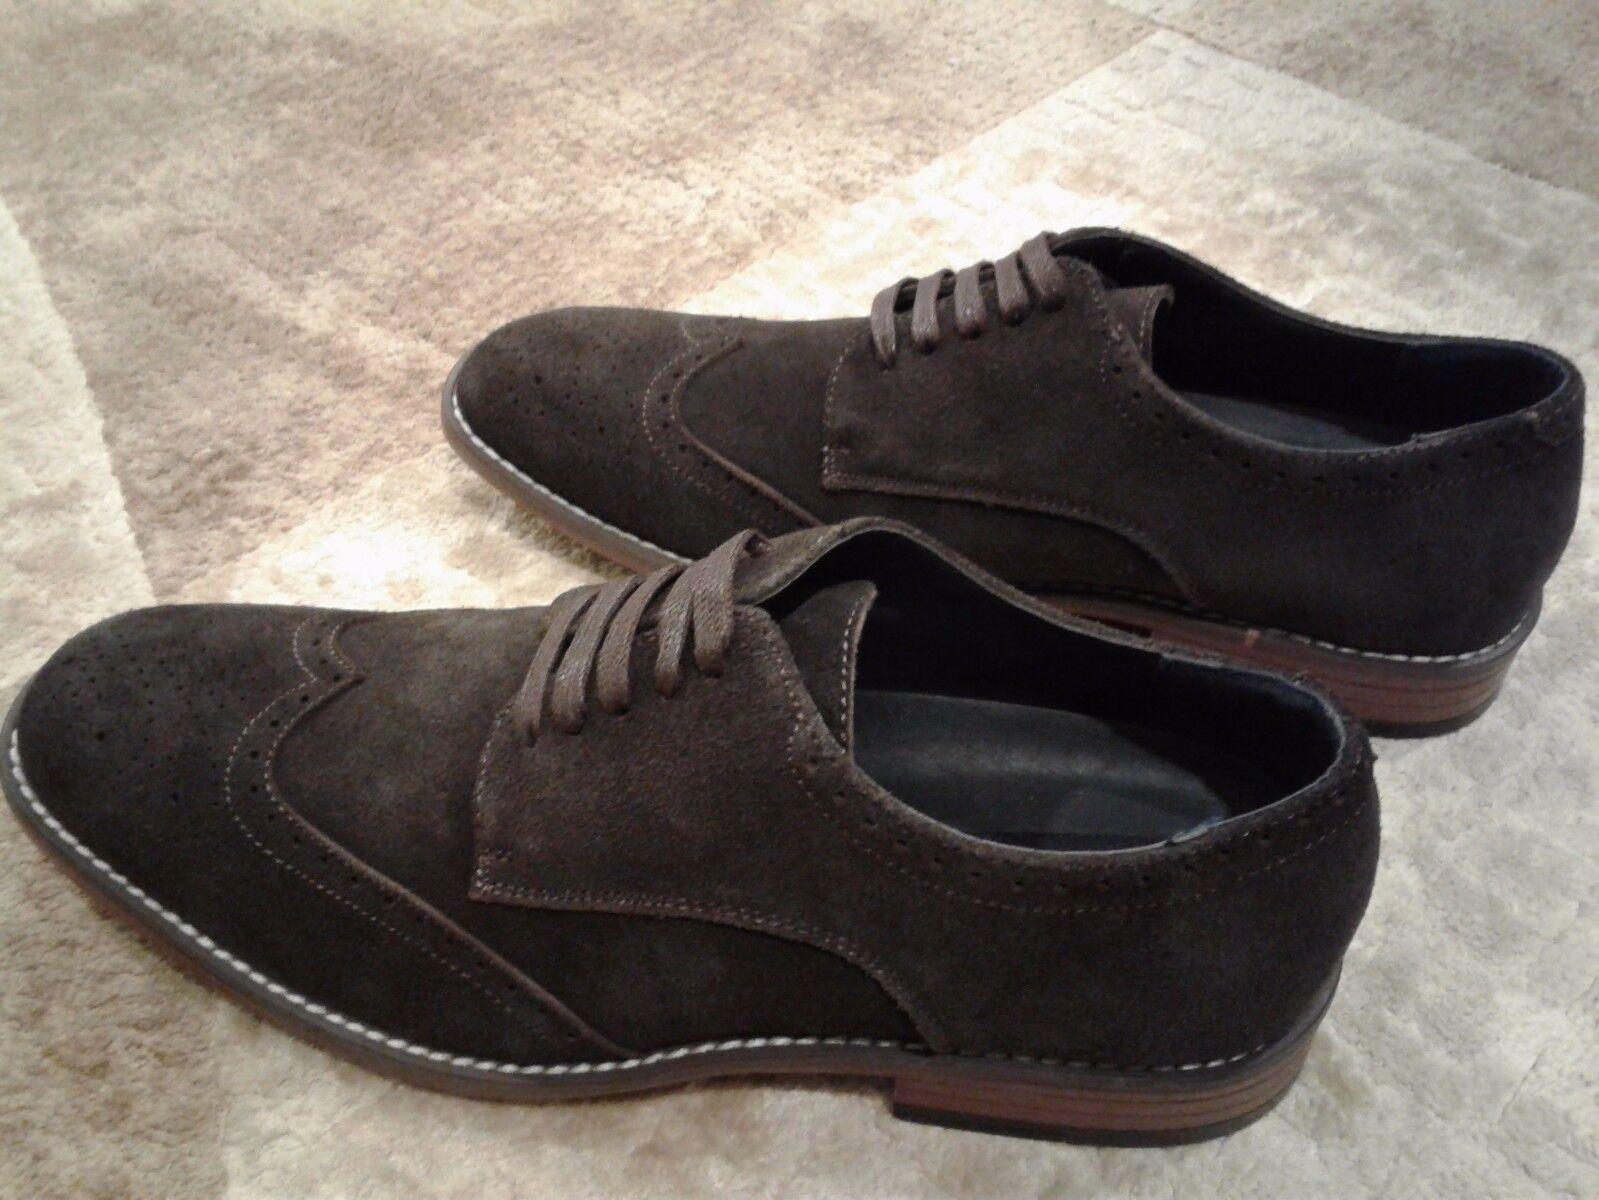 Joseph Abboud Evan Chocolate Brown Suede wingtip shoes shoes shoes 8 8.5 9 9.5 10 10.5 11 13 8c579e